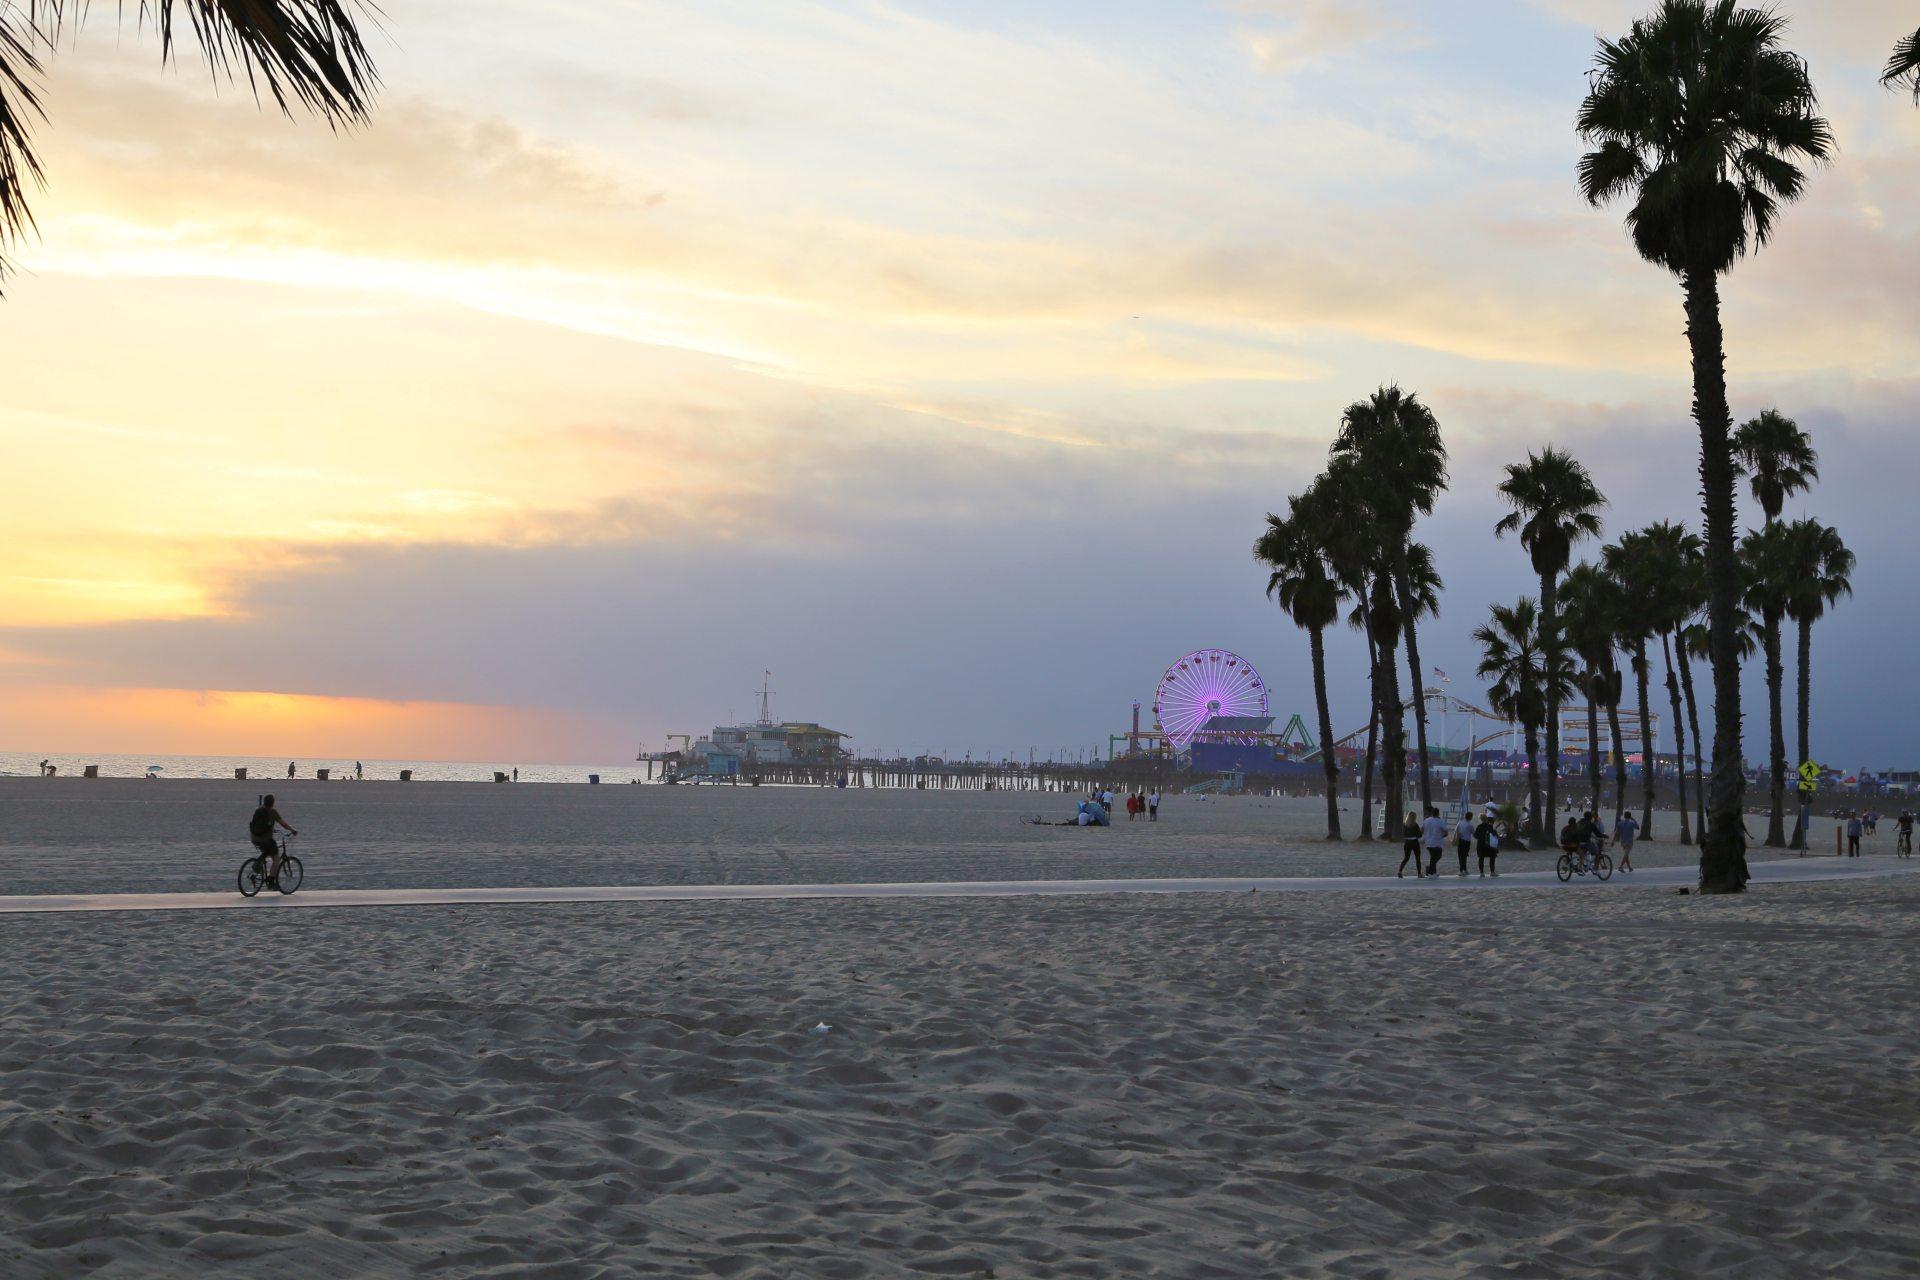 Santa Monica - auch wir waren an diesem wunderschönen Strand da! - Aussicht, Fernsicht, Himmel, Kalifornien, Landschaft, Meer, Natur, Pacific Park, Palmen, Panorama, Personen, Radfahrer, Radweg, Riesenrad, Sand, Santa Monica, Santa Monica Pier, Sehenswürdigkeiten, Strand, Wahrzeichen, Wasser, Wolken - (Ocean Park, Santa Monica, California, Vereinigte Staaten)